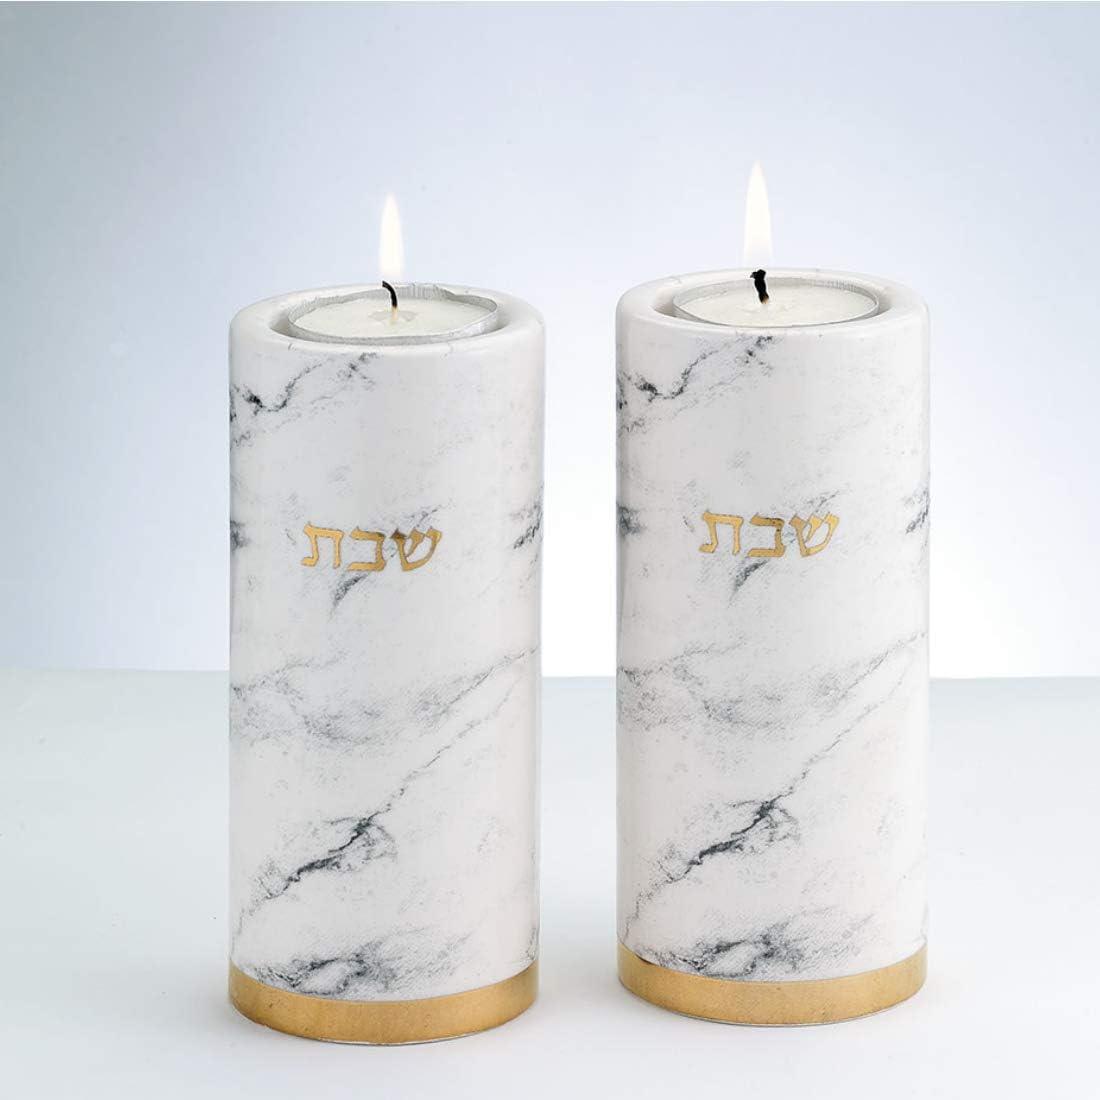 Minton/'s salt glaze candlestick set Vintage candlestick set Bookshelf decor White candlestick holders